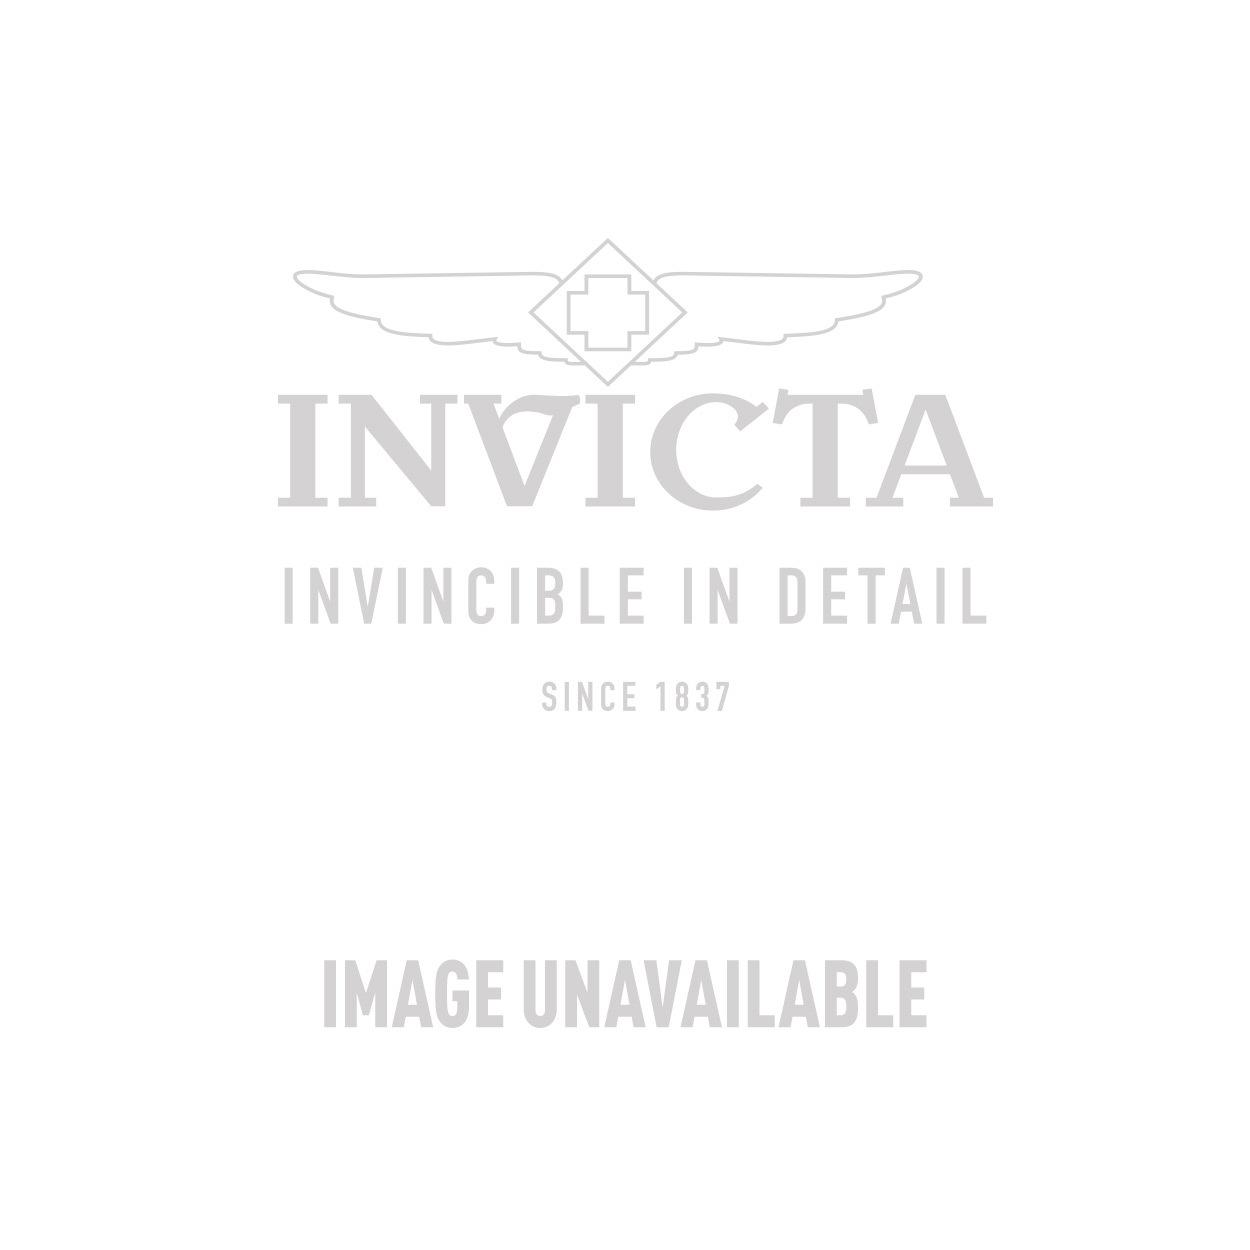 Invicta Model 25772